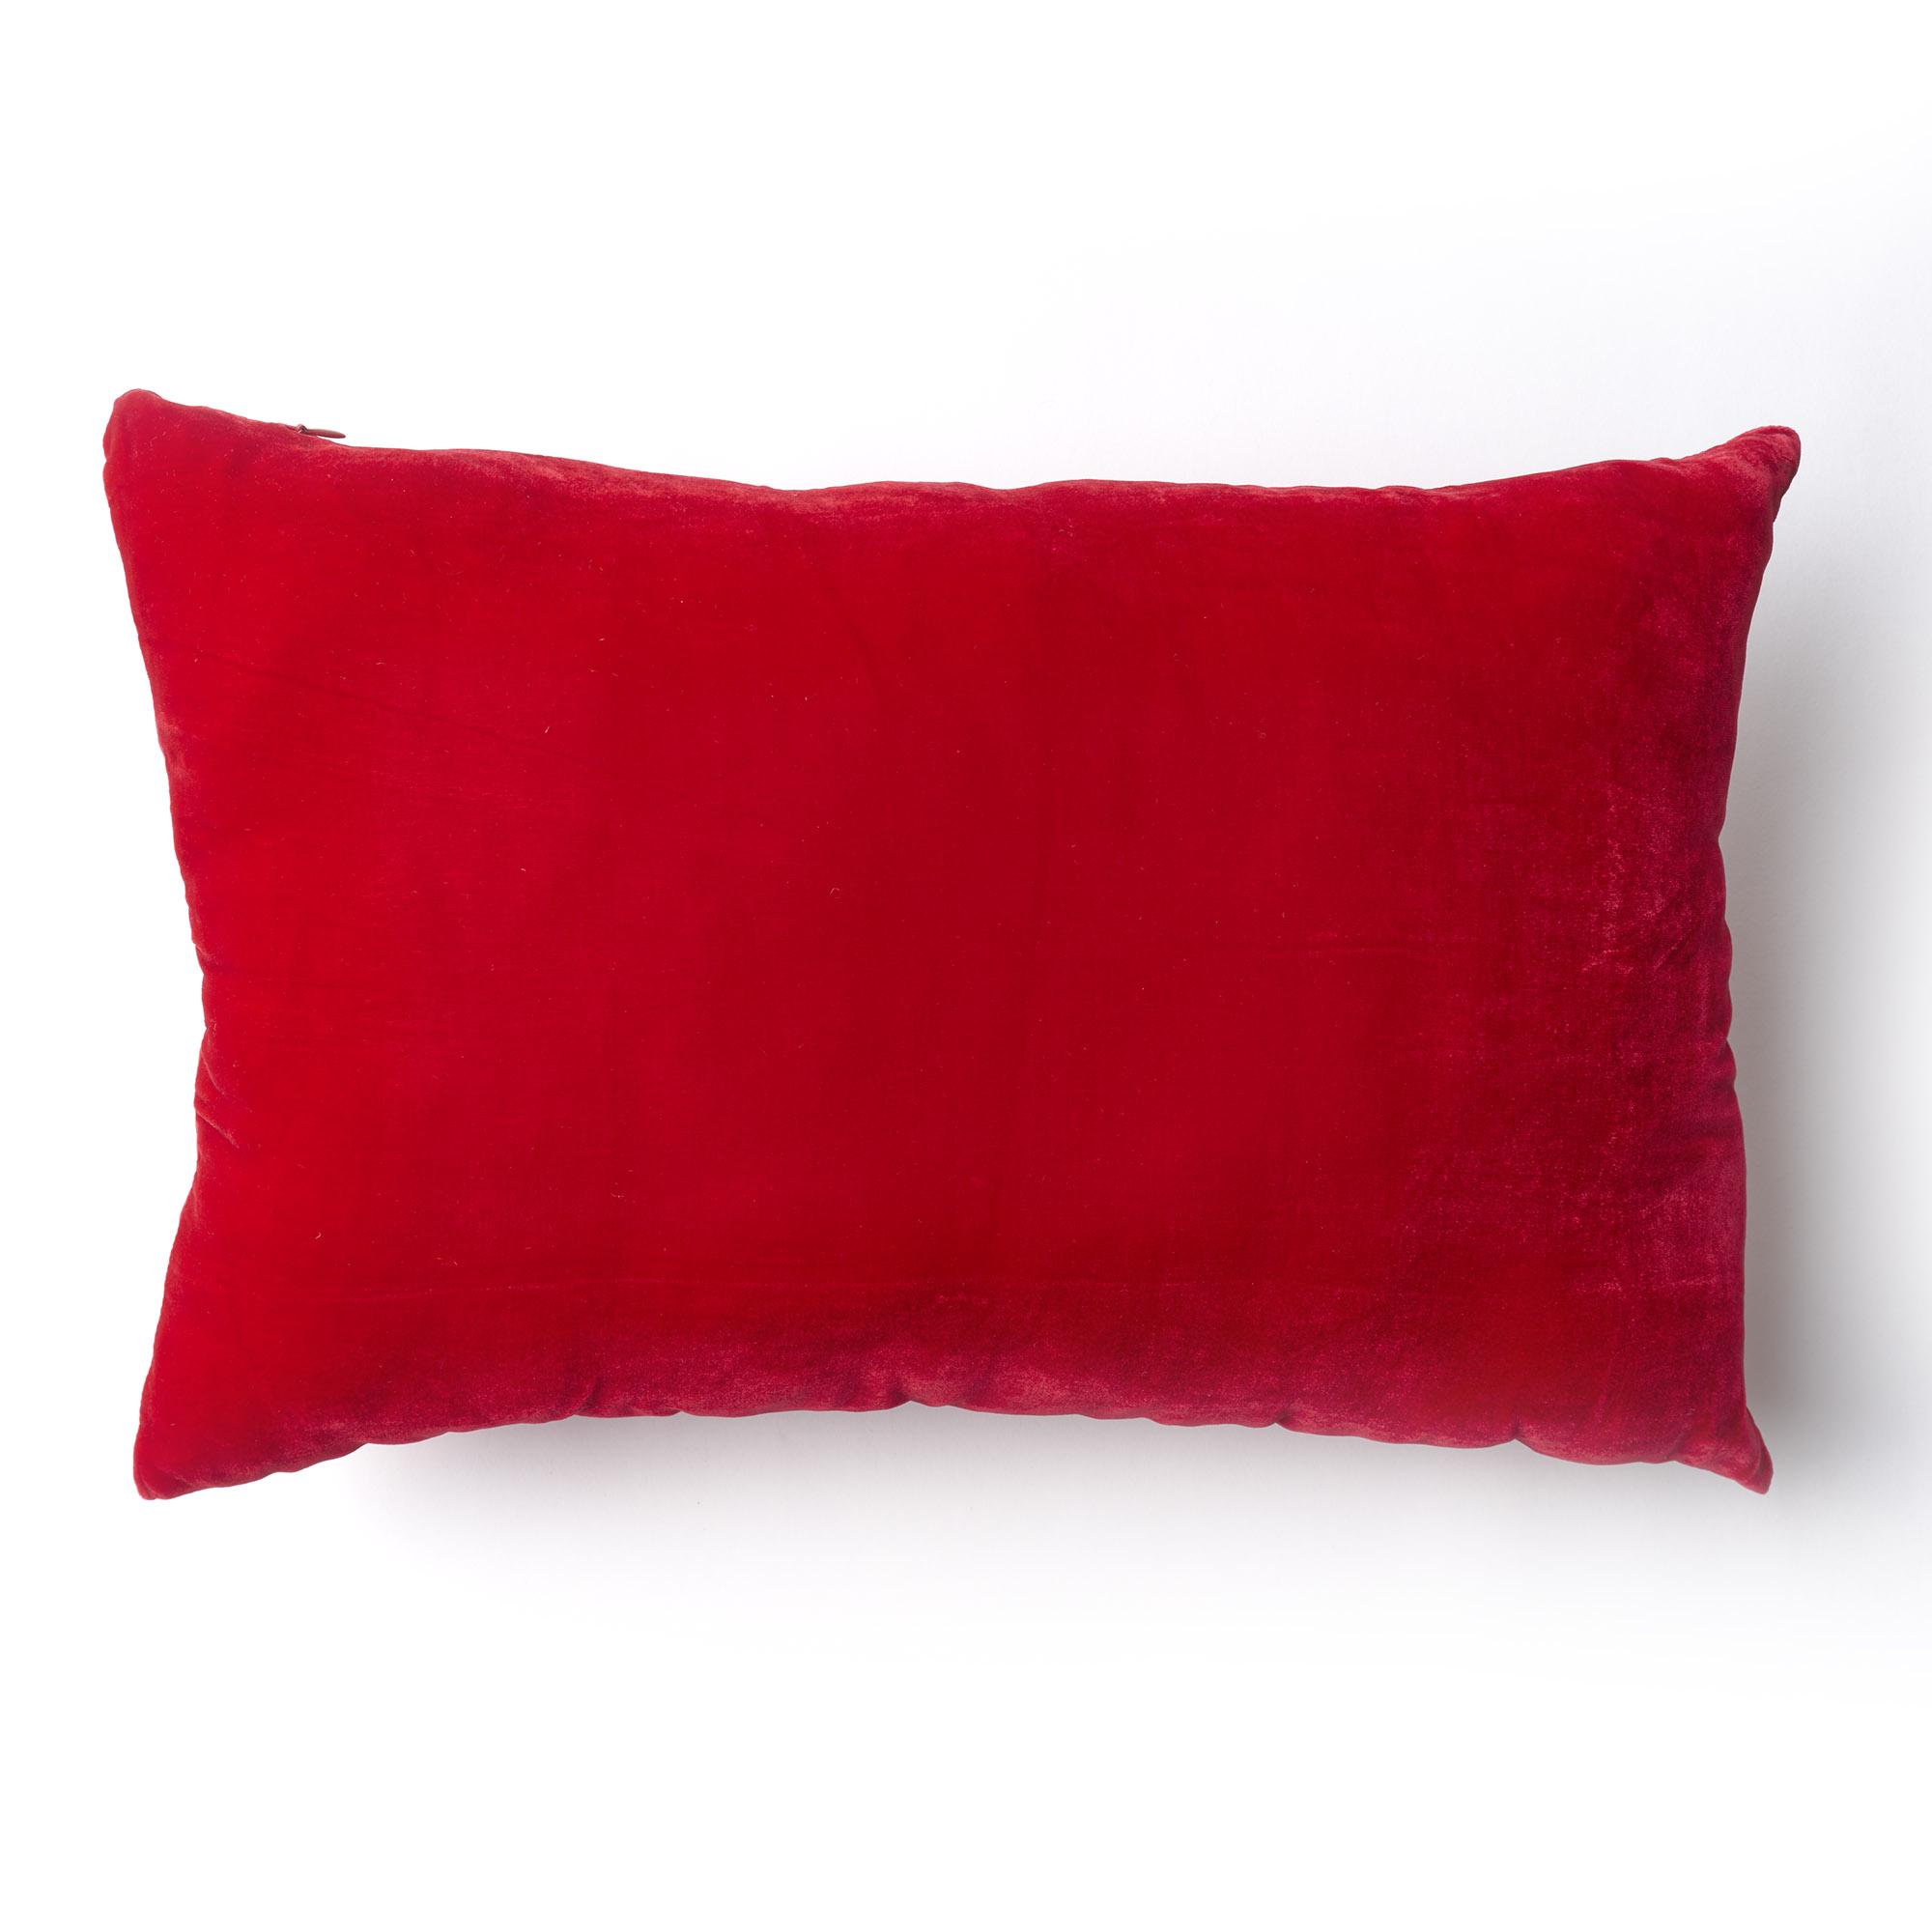 Almohadón de terciopelo, rectangular, rojo.